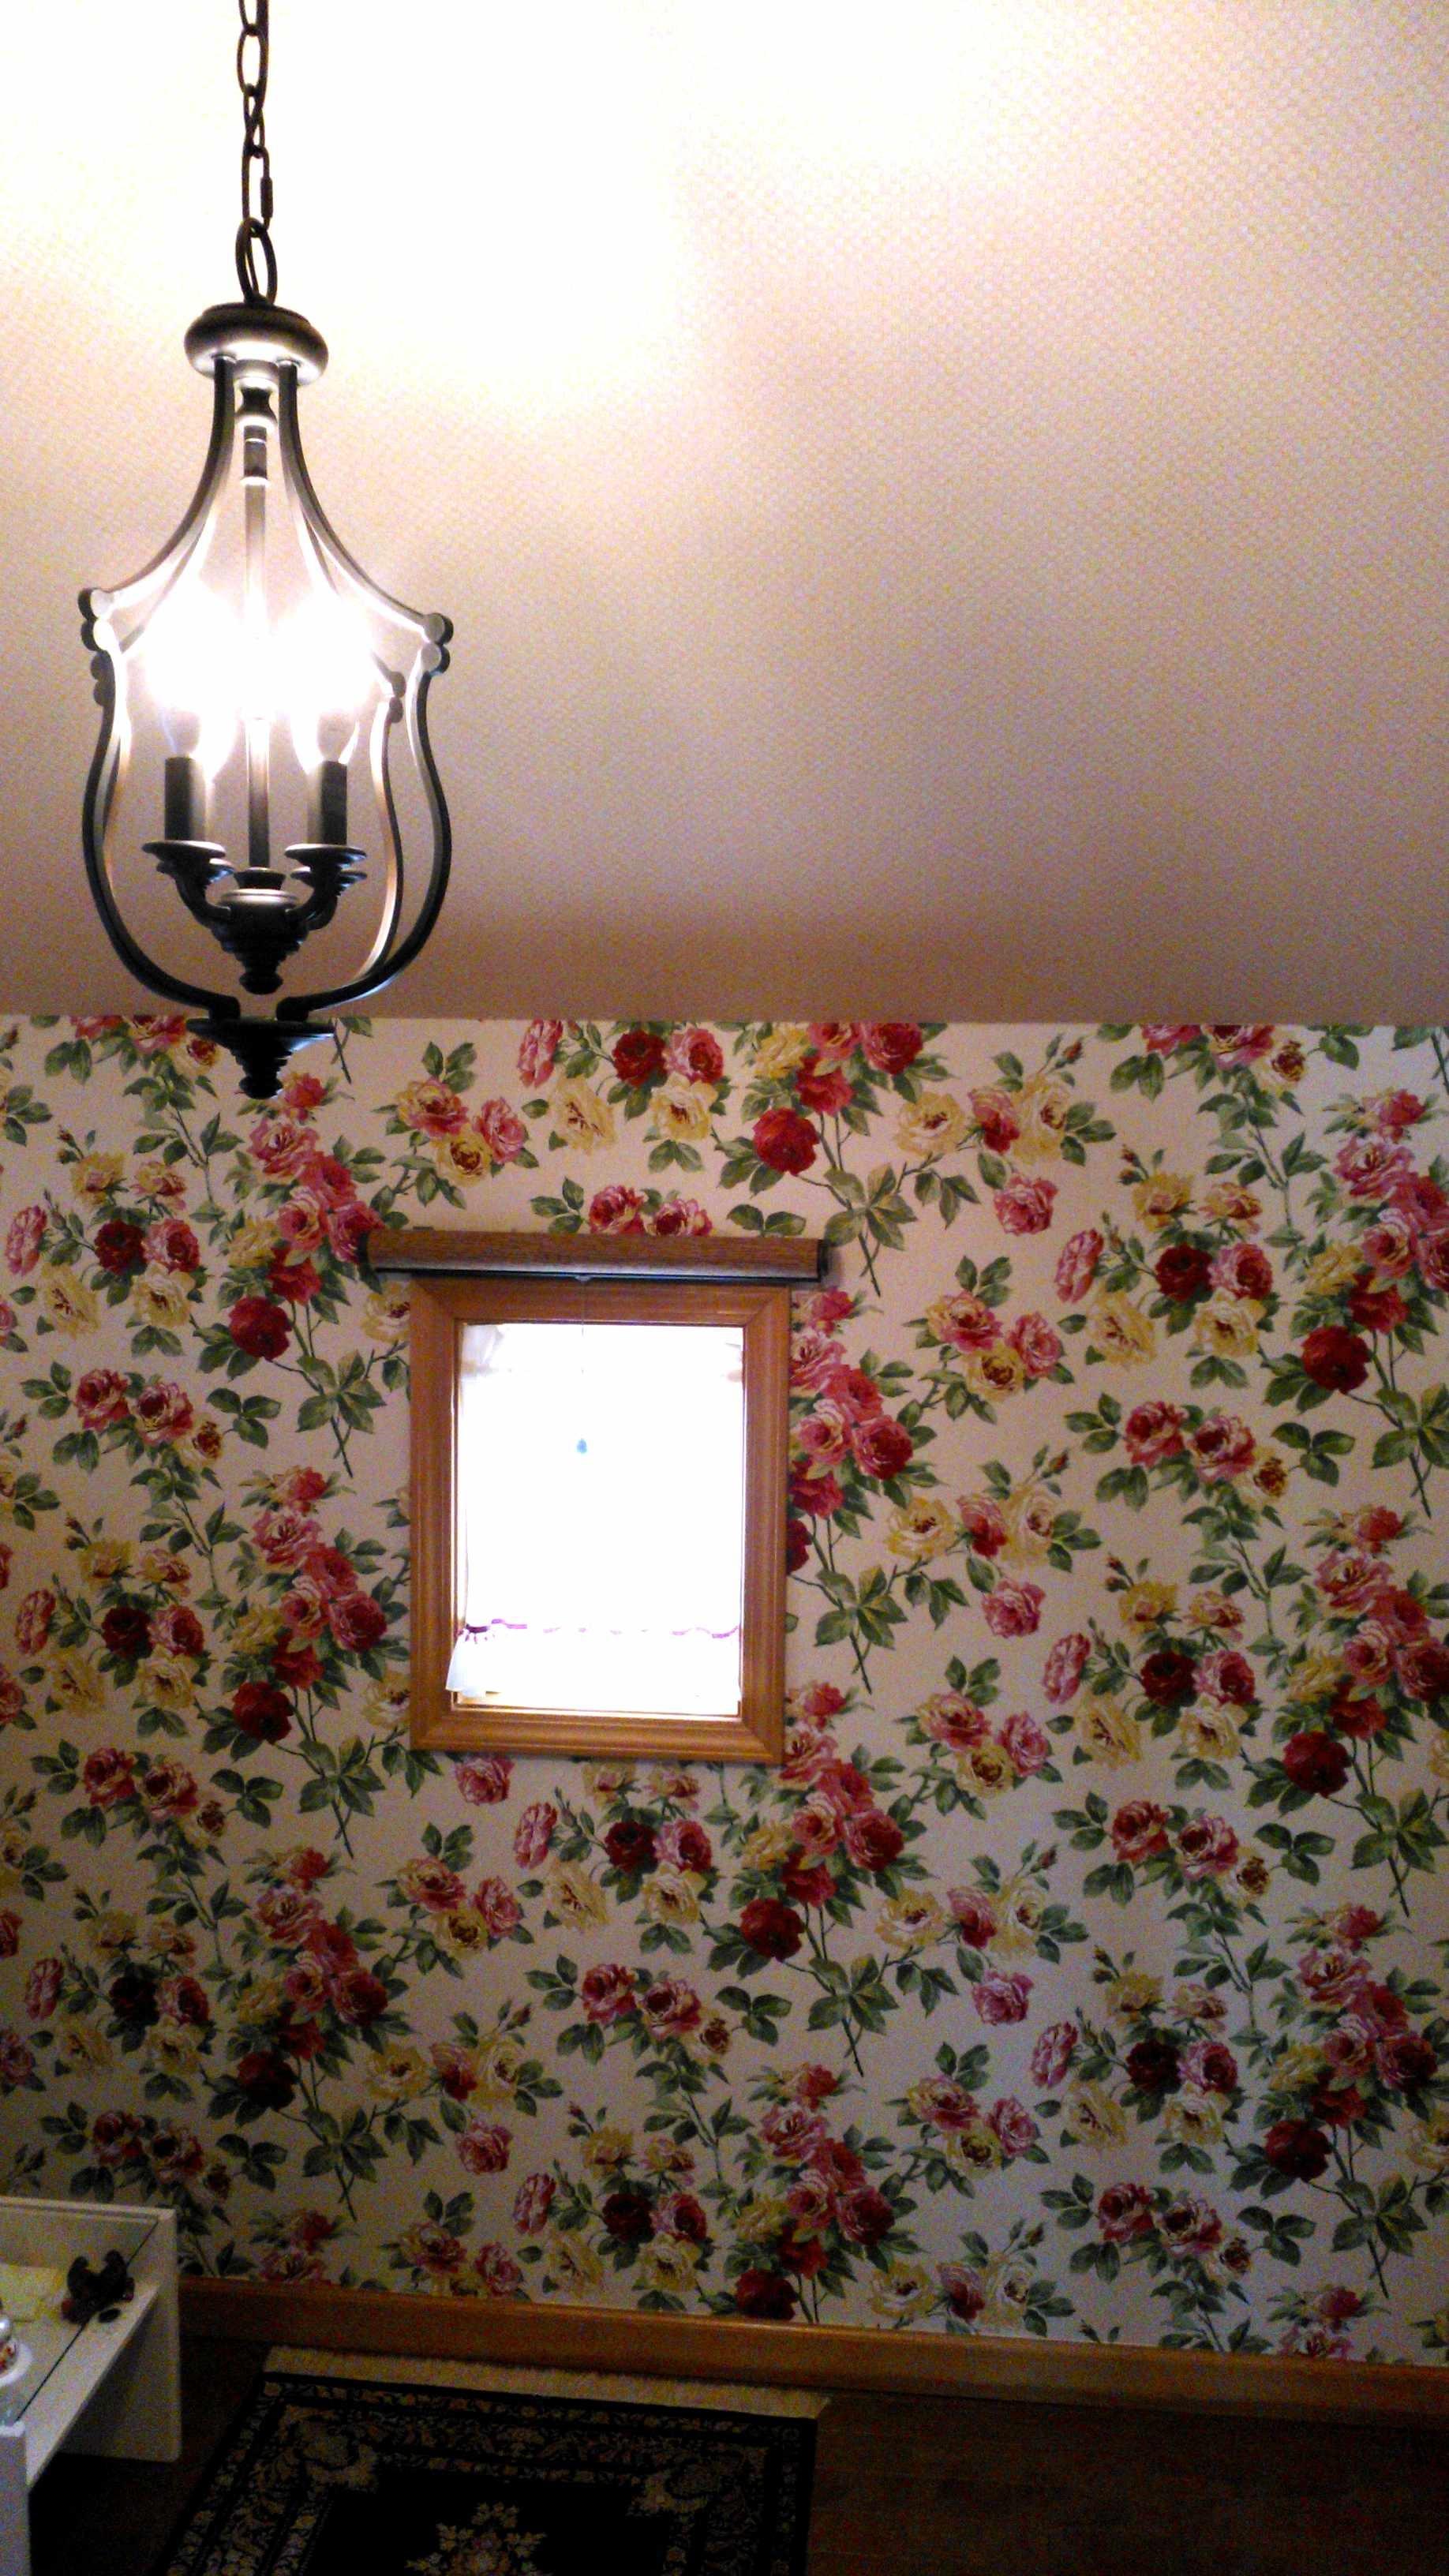 壁紙張り替え 『サンダーソン』_c0157866_18195557.jpg